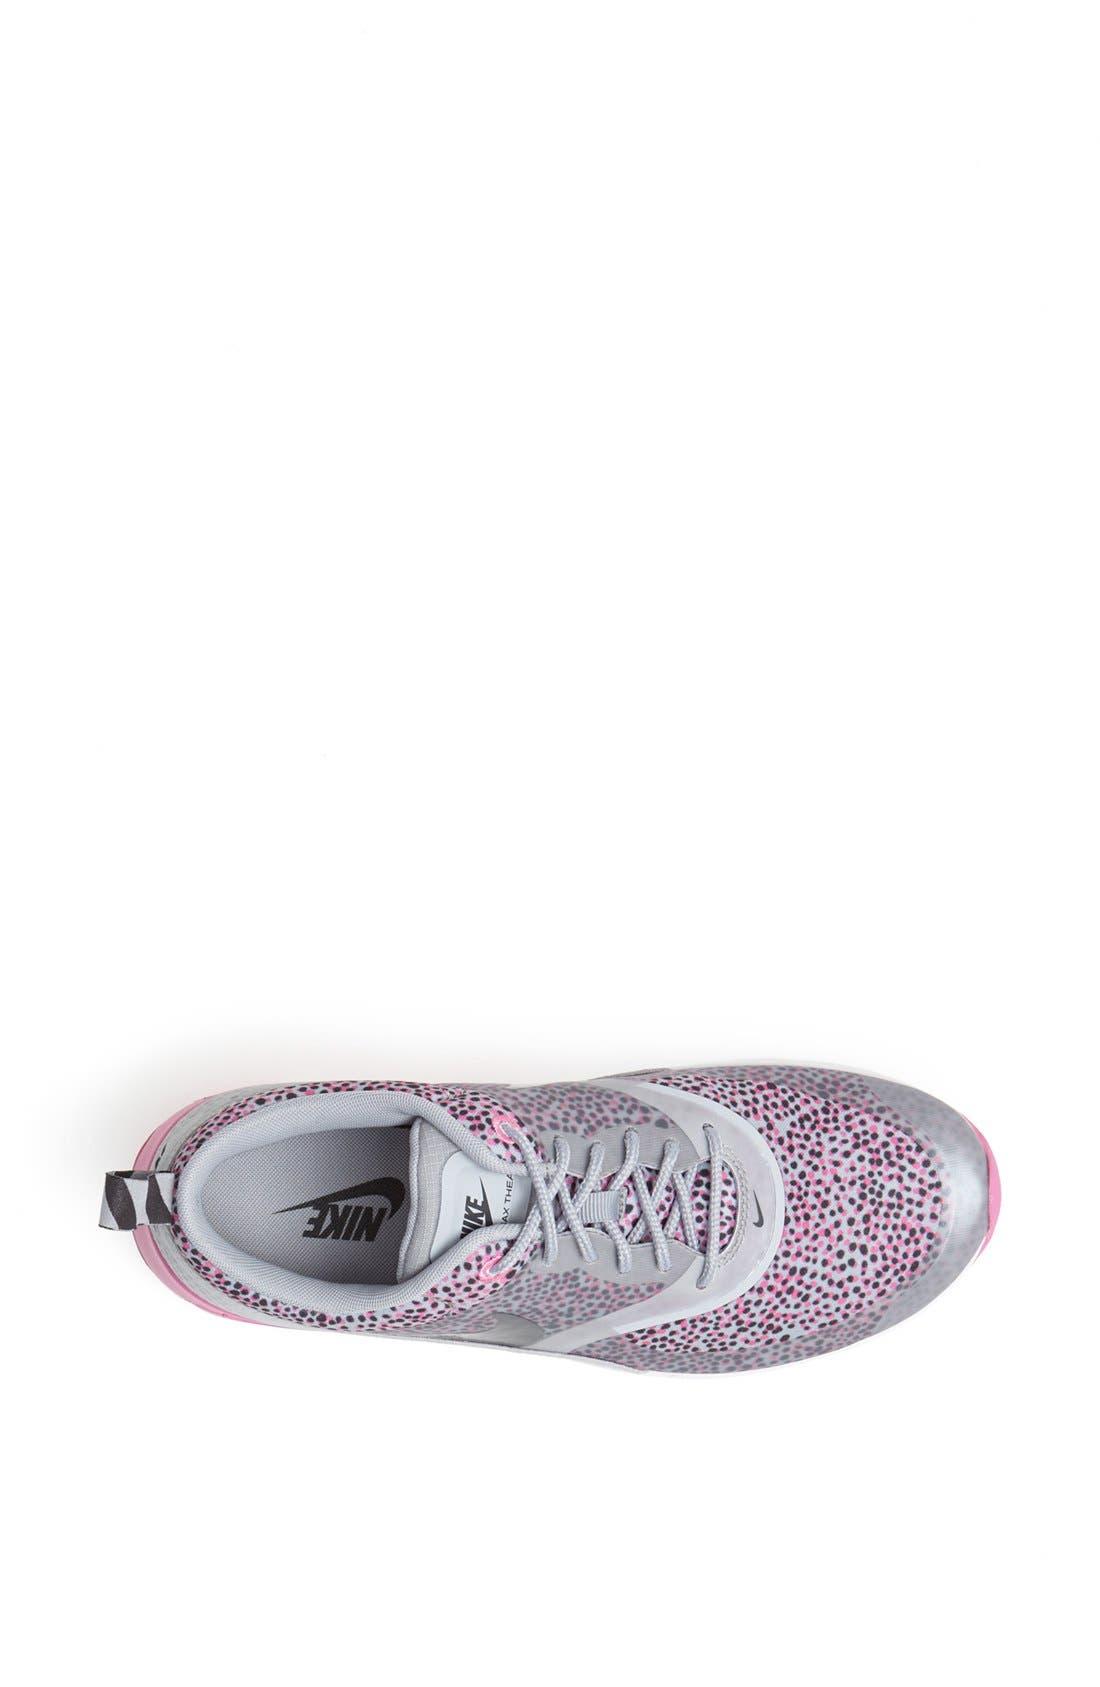 Alternate Image 3  - Nike 'Air Max Thea' Sneaker (Women)